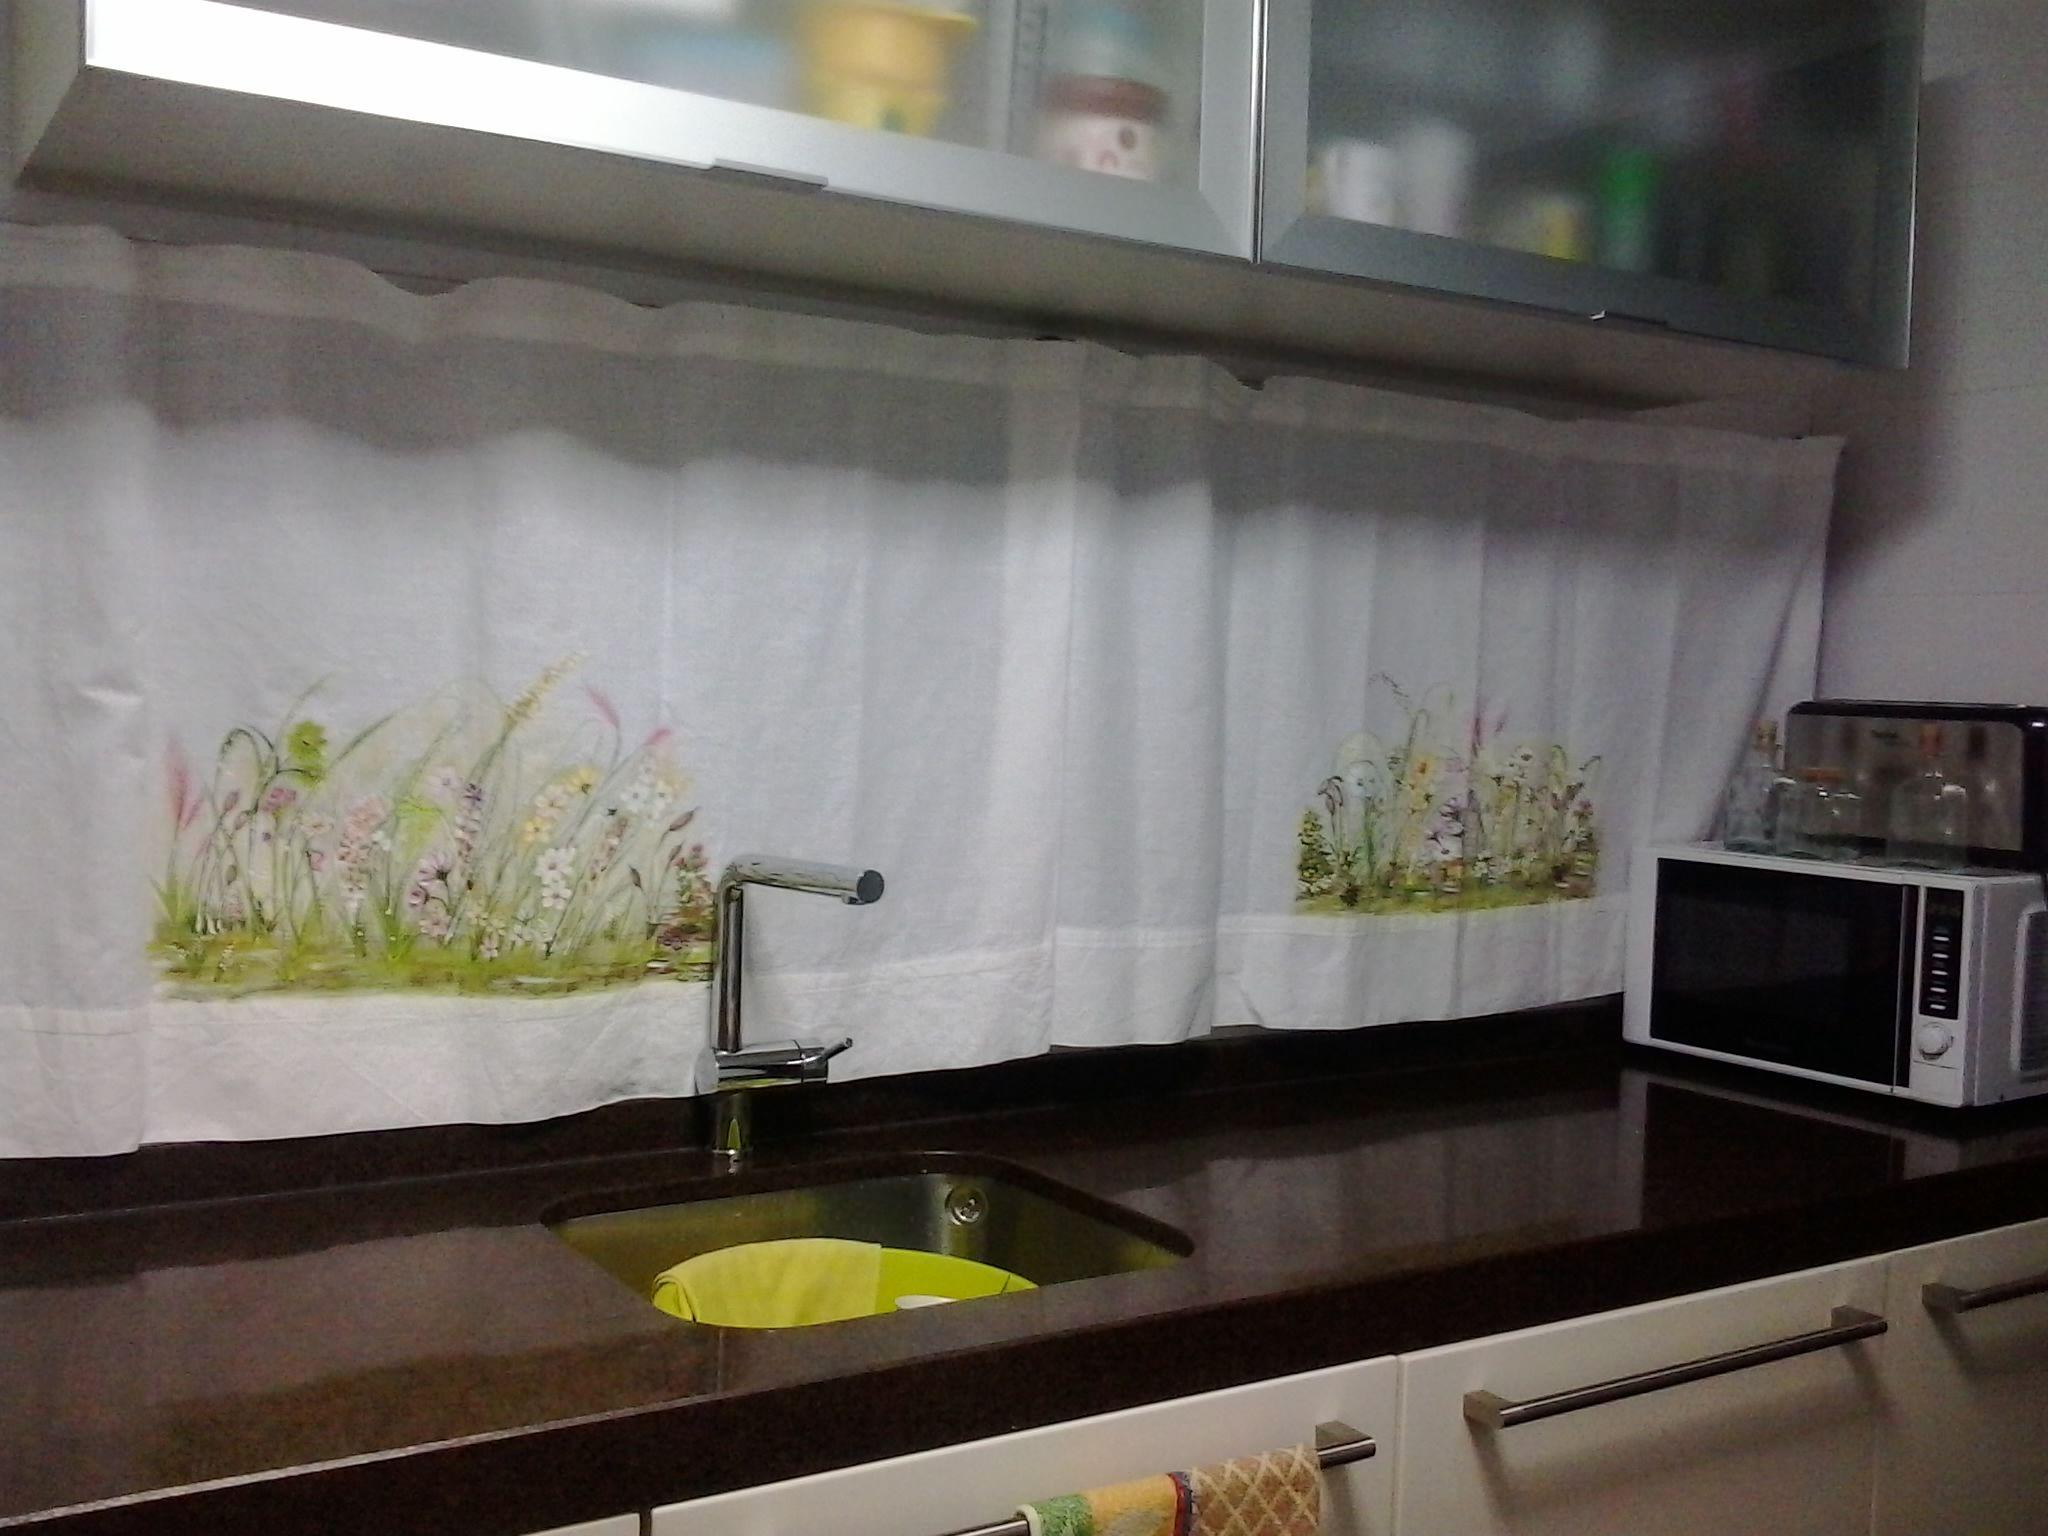 cortinas de lino pintadas a mano alzada es un diseo original creado para estas cortinas